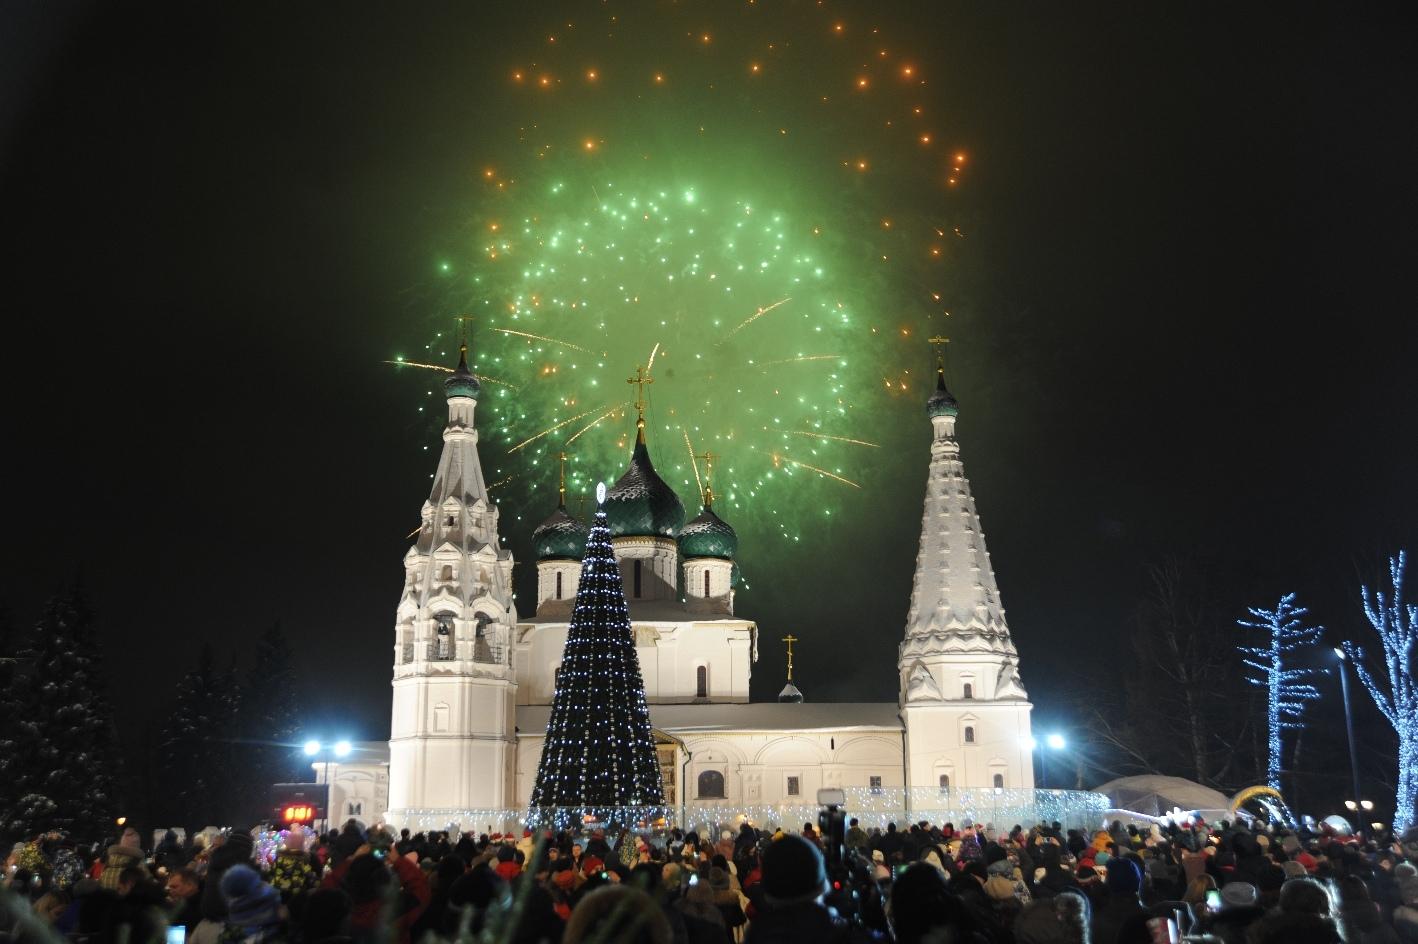 В Ярославле отменили новогодние мероприятия в центре города и детские хороводы вокруг елок